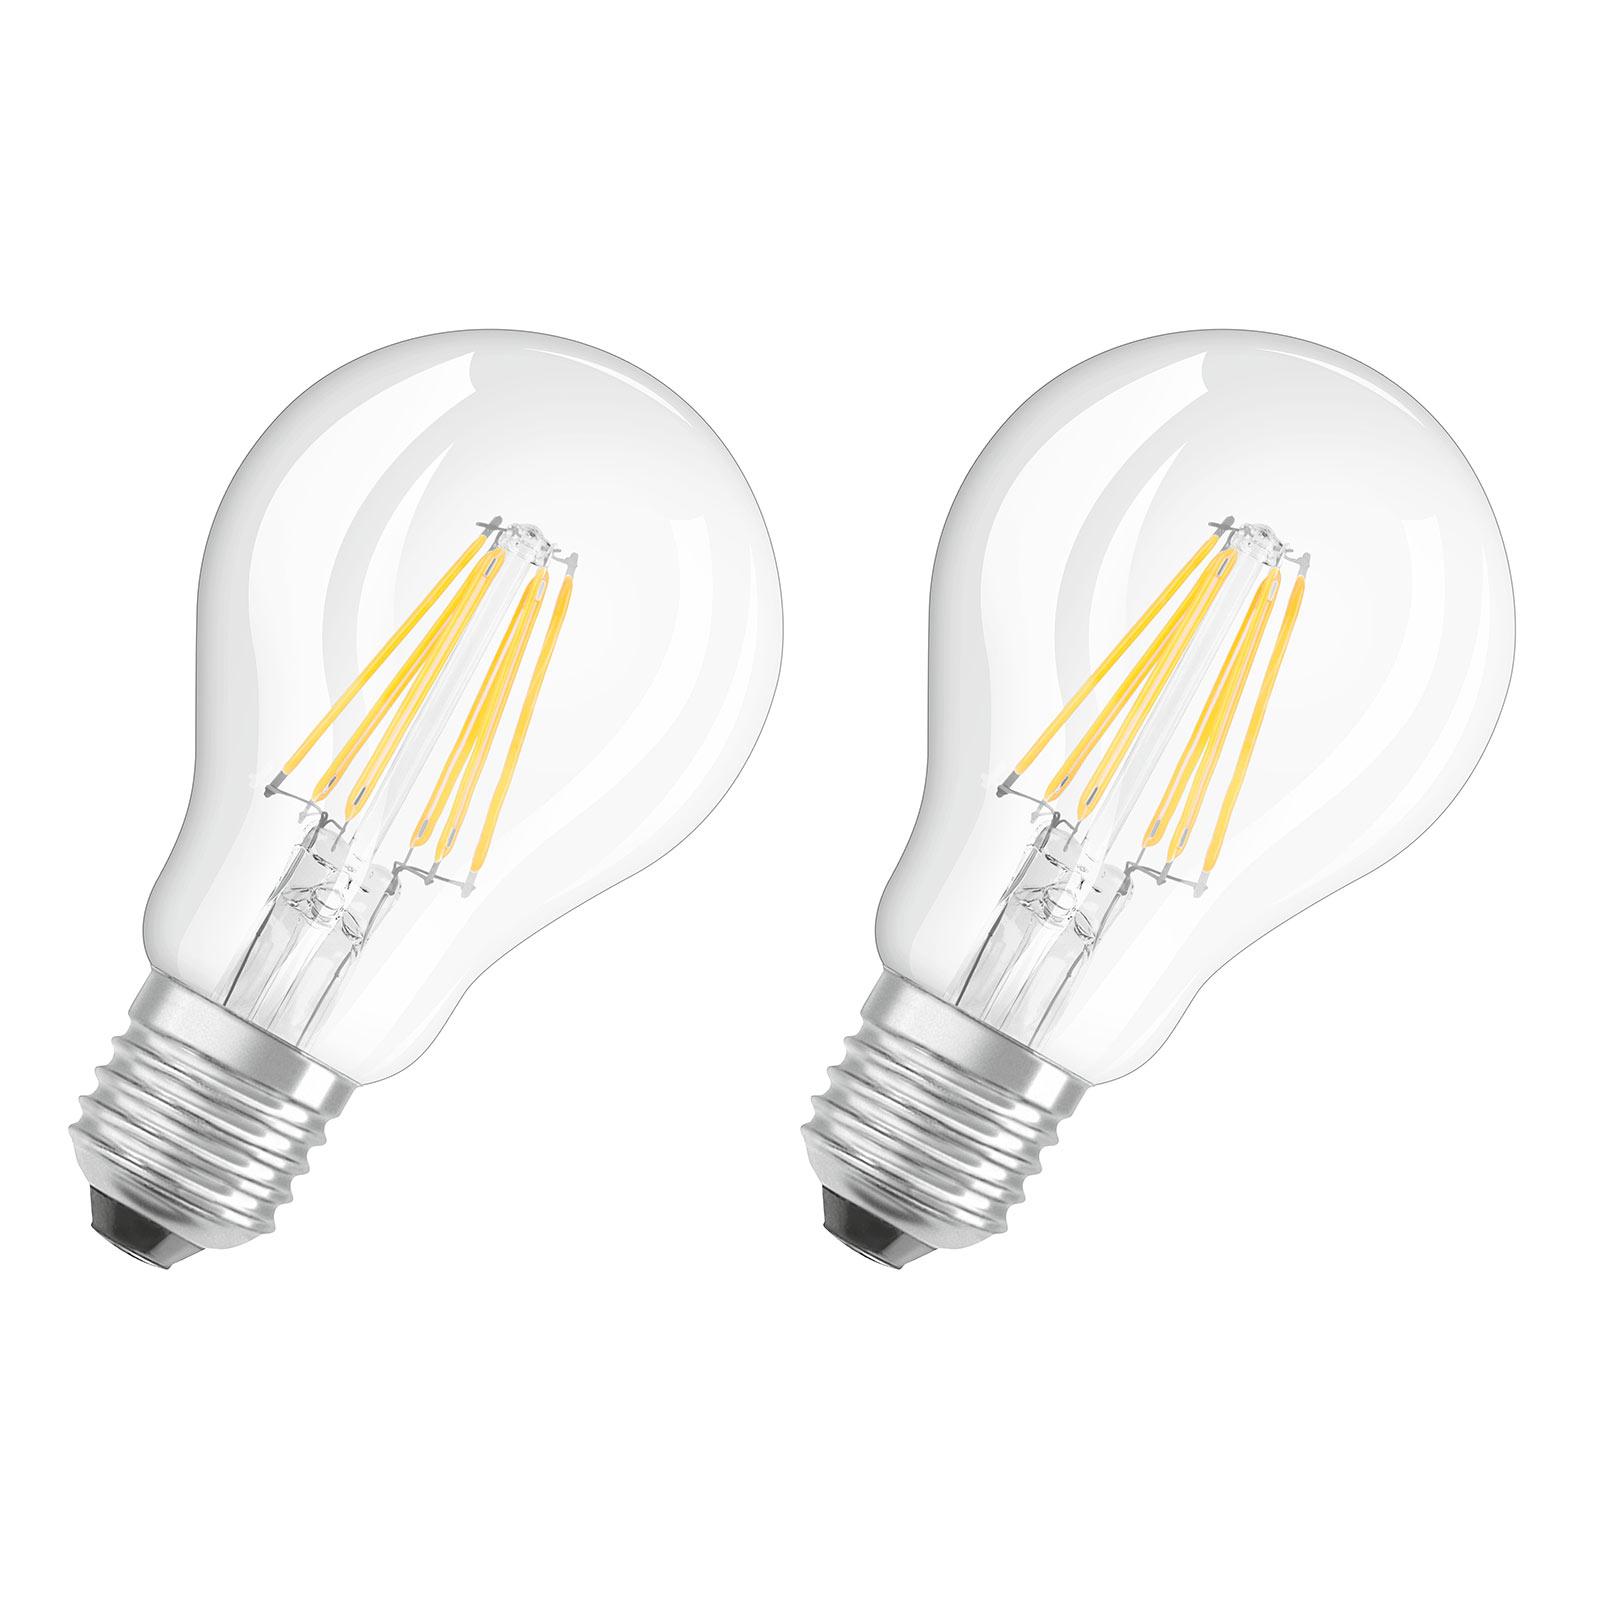 E27 7W 827 bombilla de filamento LED 2 uds.